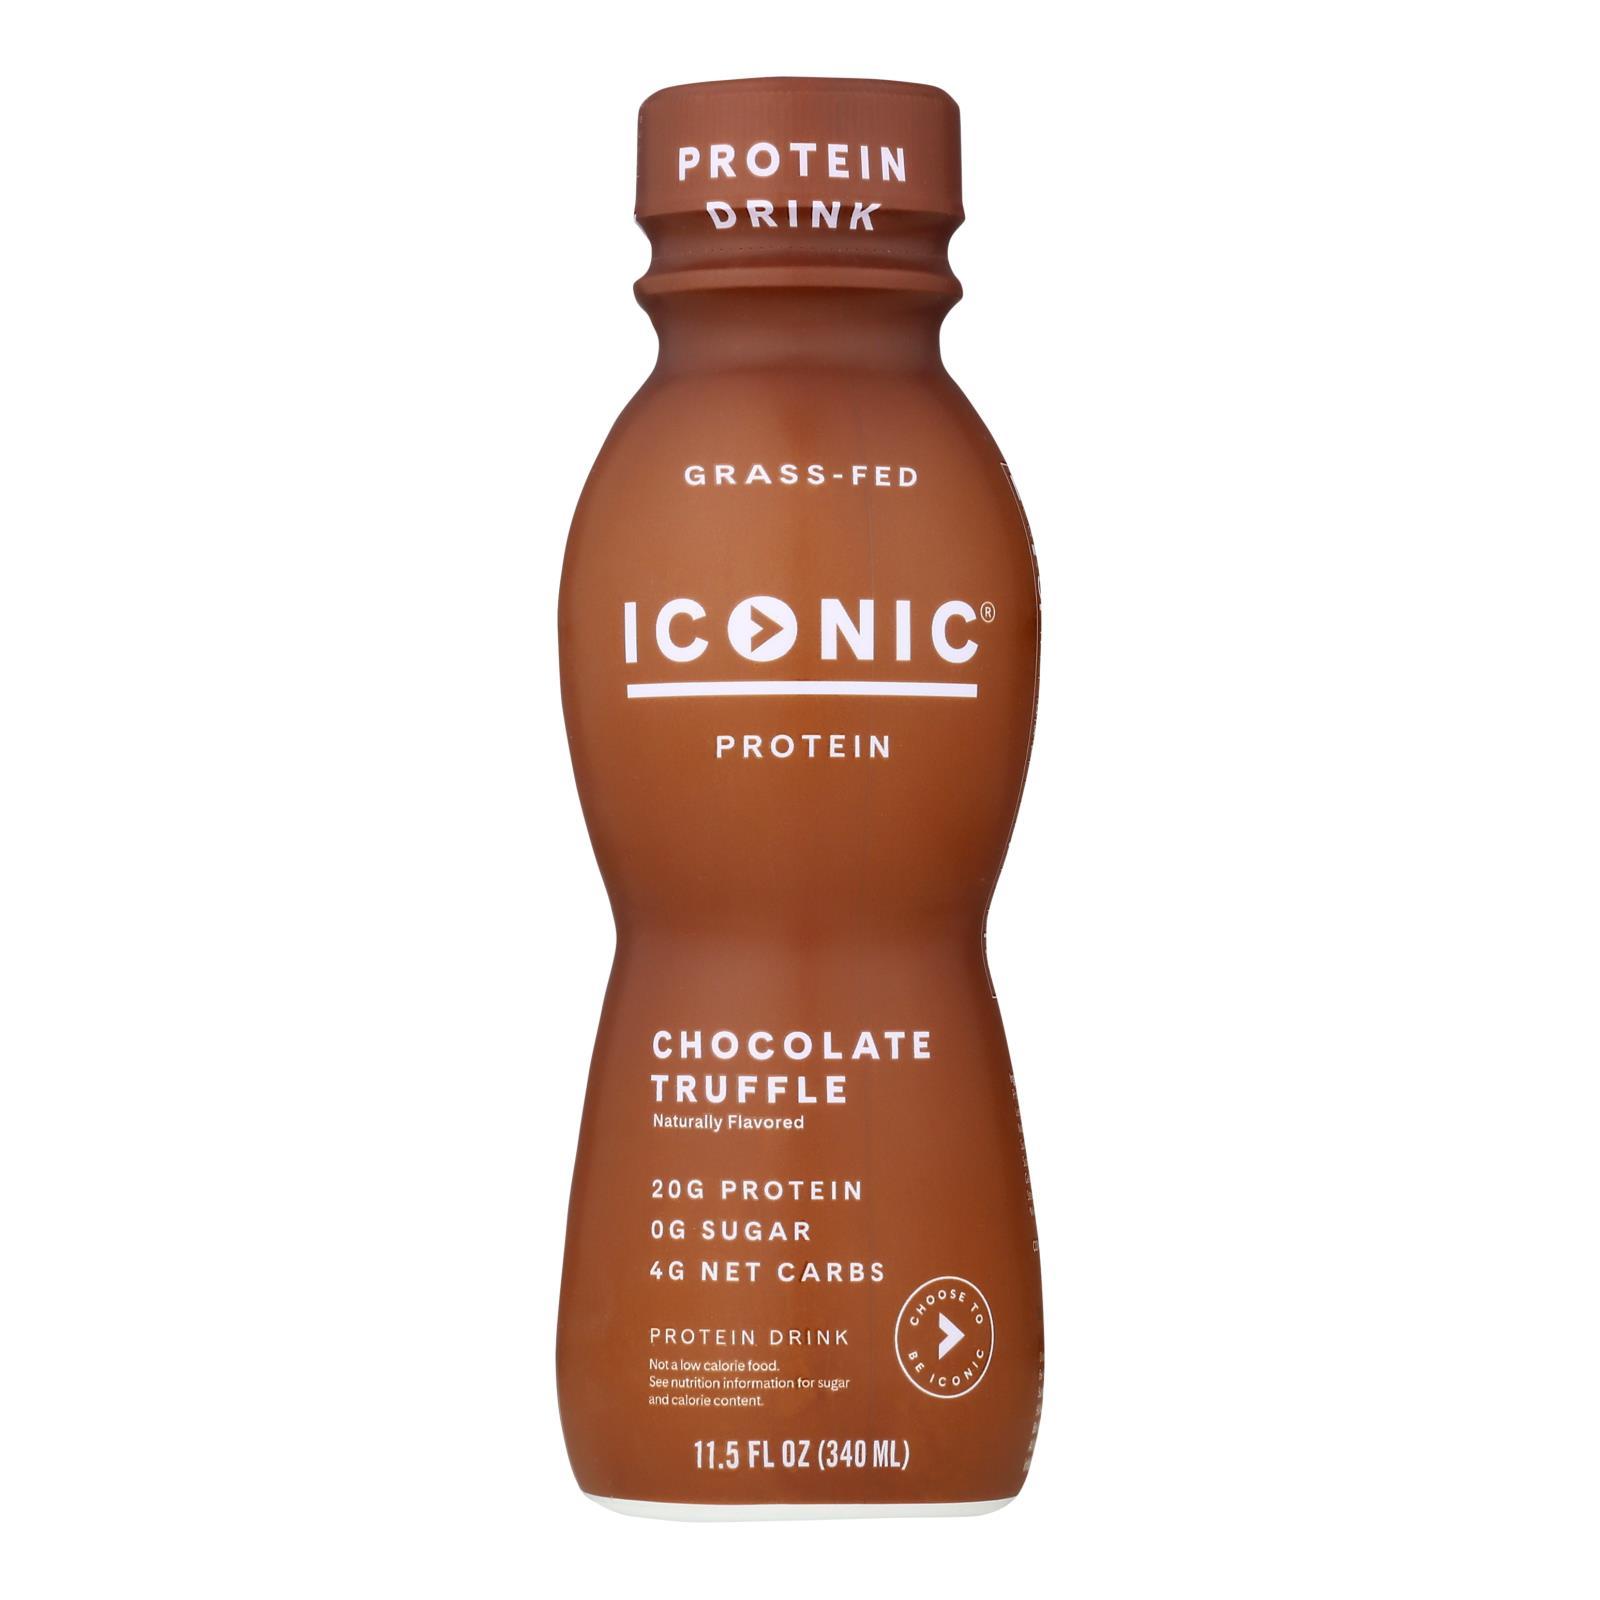 Iconic Protein Shake - Chocolate Truffle - Case of 12 - 11.5 Fl oz.